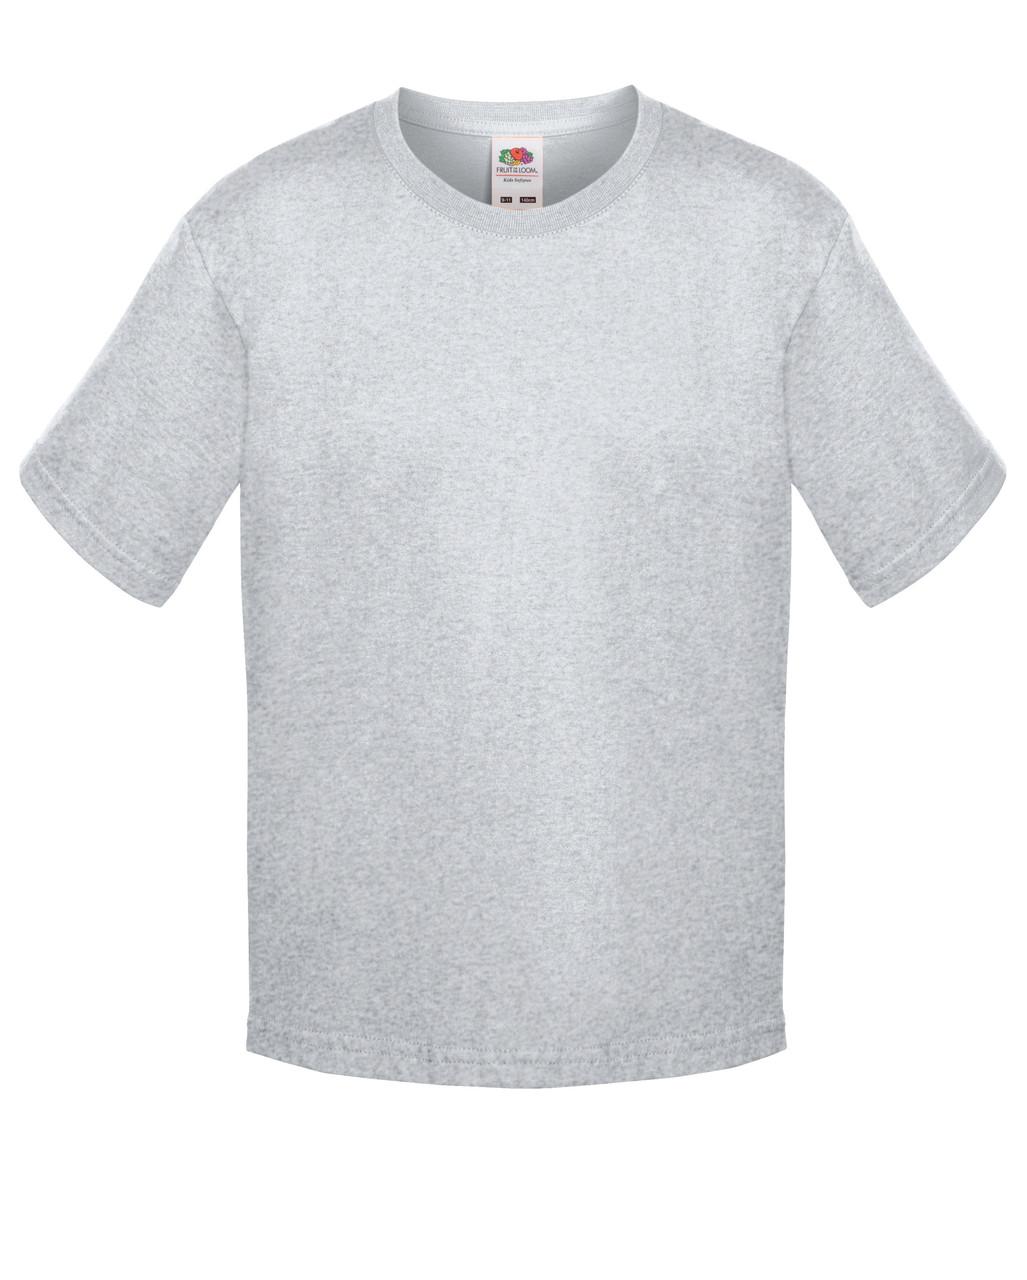 Детская футболка Мягкая для Мальчиков Серо-лиловая Fruit of the loom 61-015-94 5-6